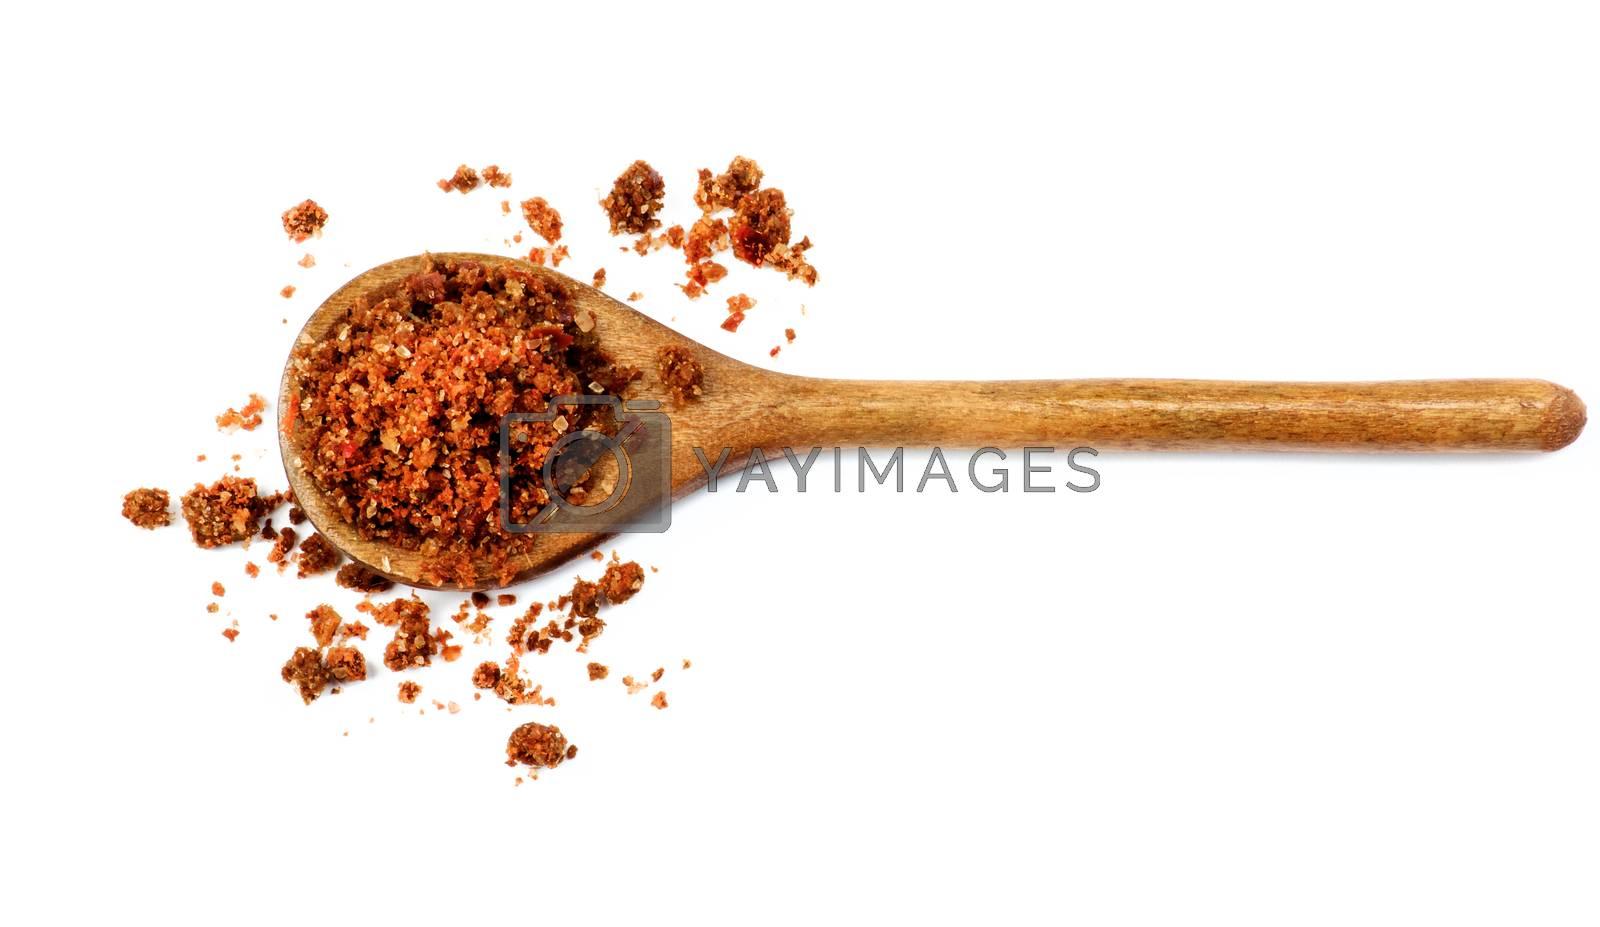 Salt with Dried Paprika by zhekos